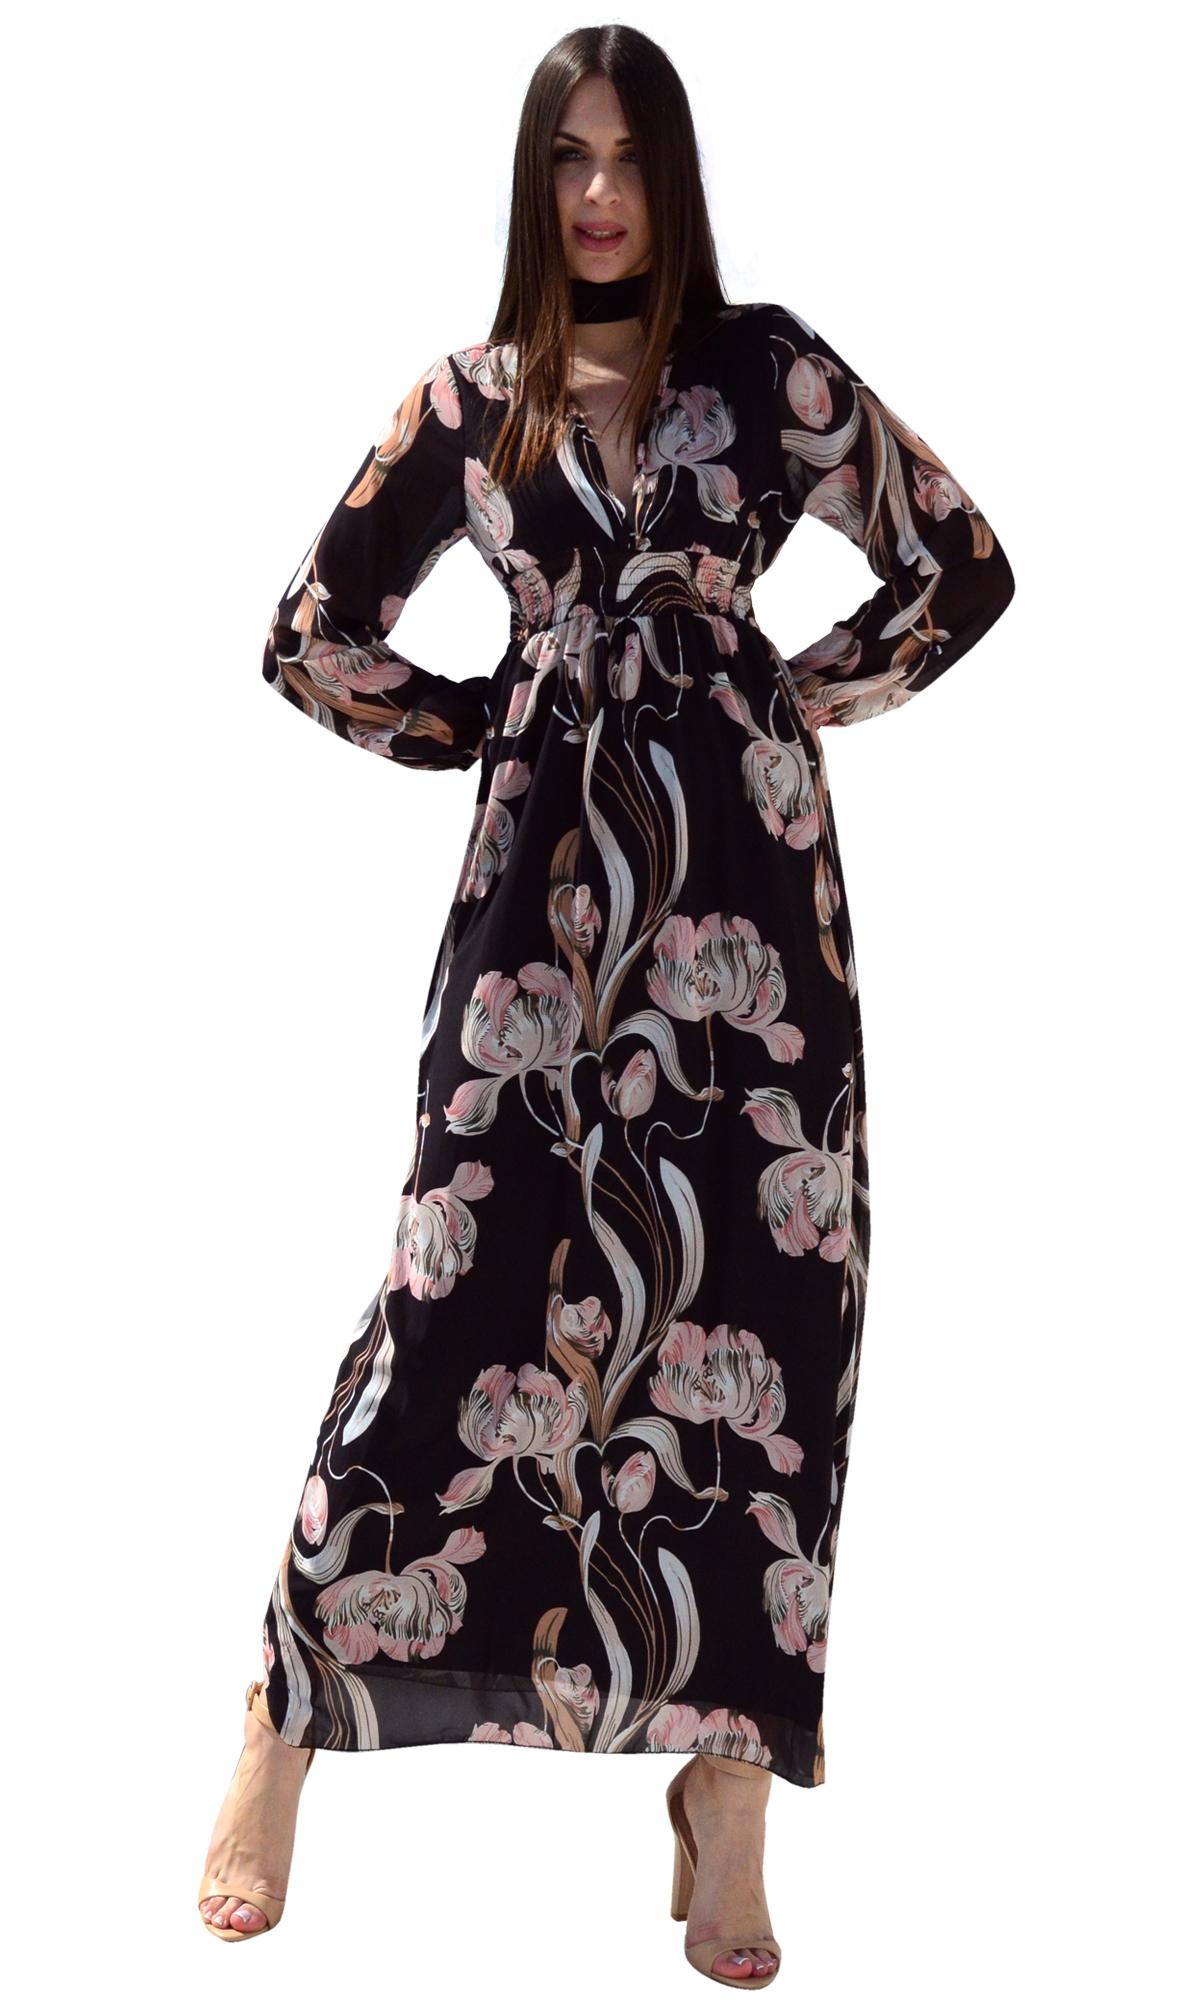 Μάξι φλοράλ φόρεμα με ανοιχτό ντεκολτέ - OEM - SP17AG-587323 φορέματα μάξι φορέματα